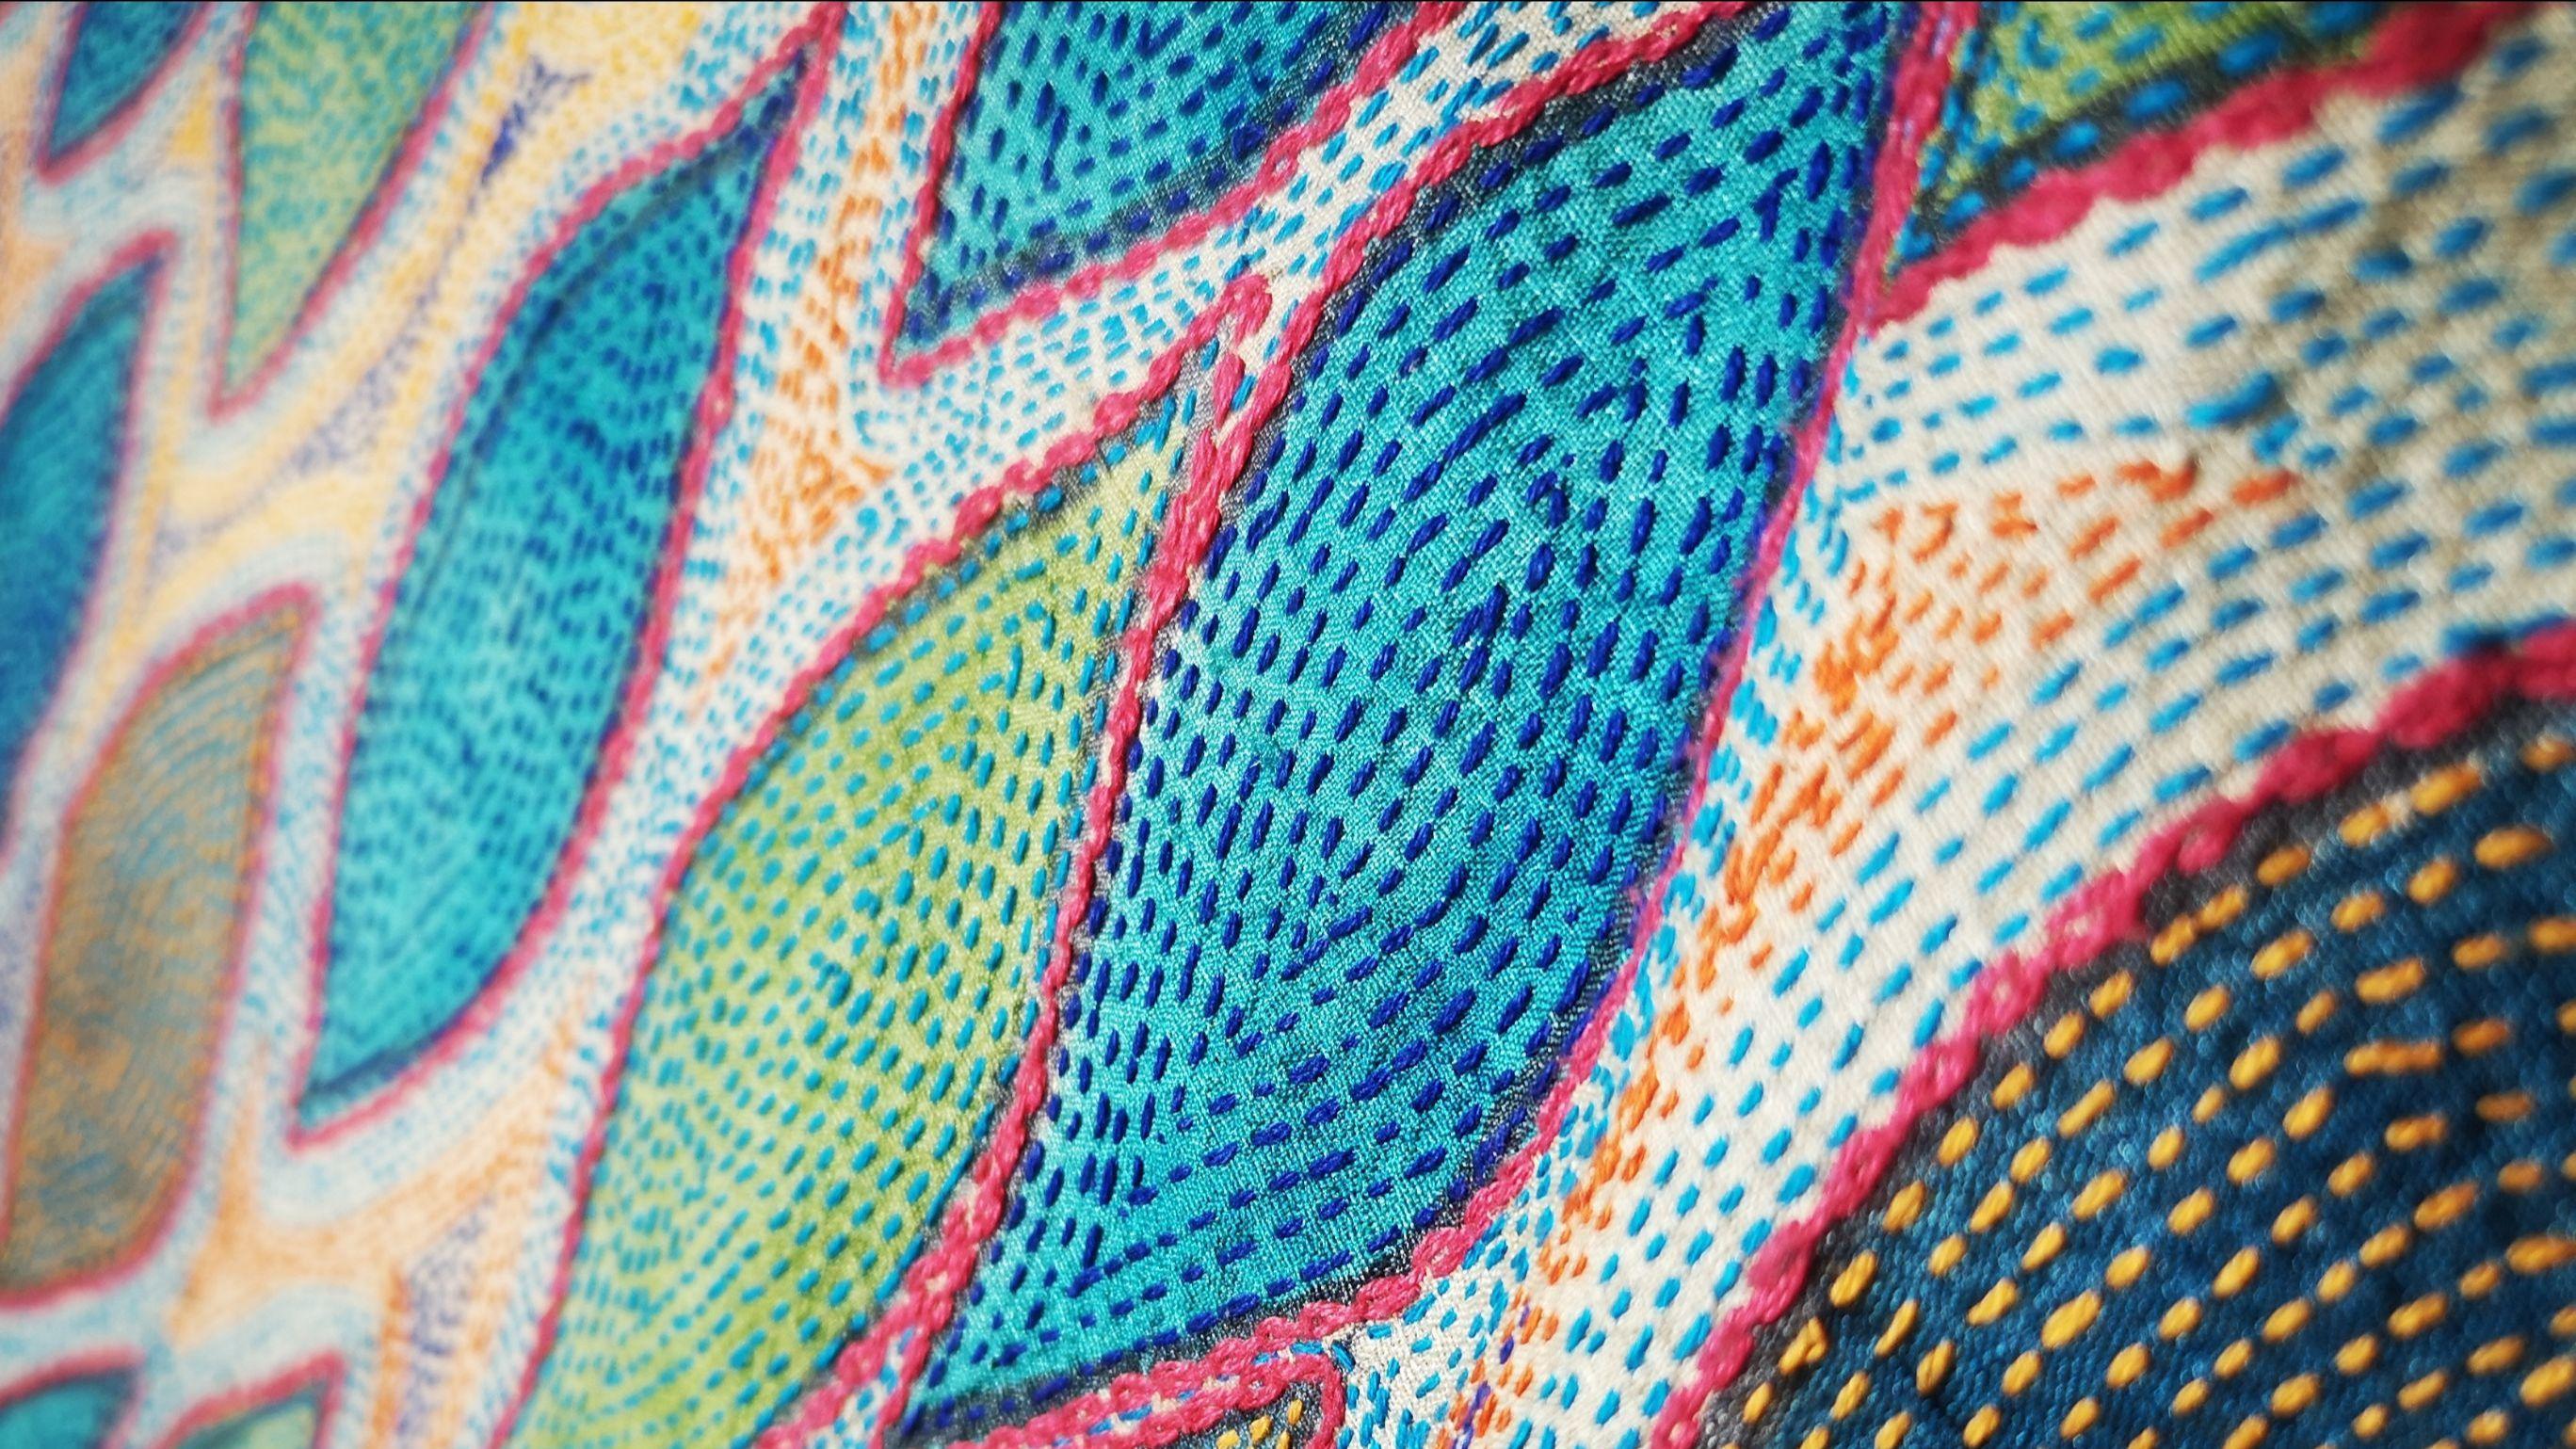 Broderies de plumes de paon sur un sari